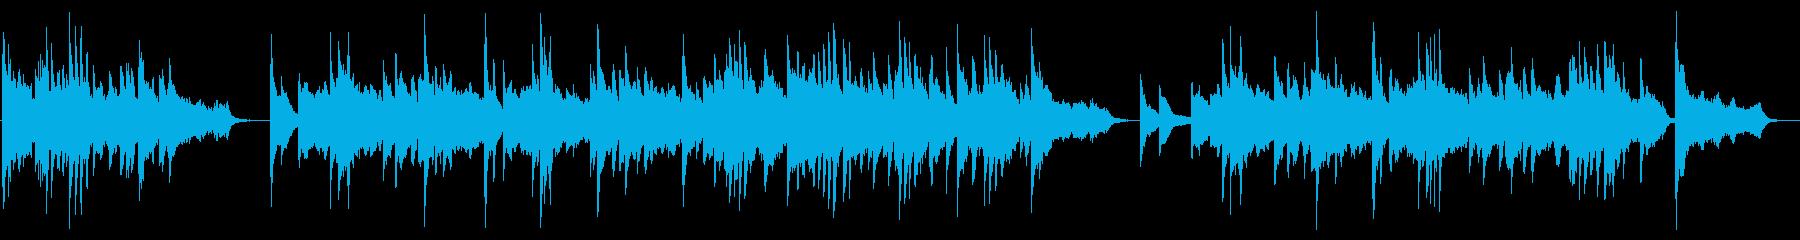 ピアノを主体にした美しいポップスの再生済みの波形